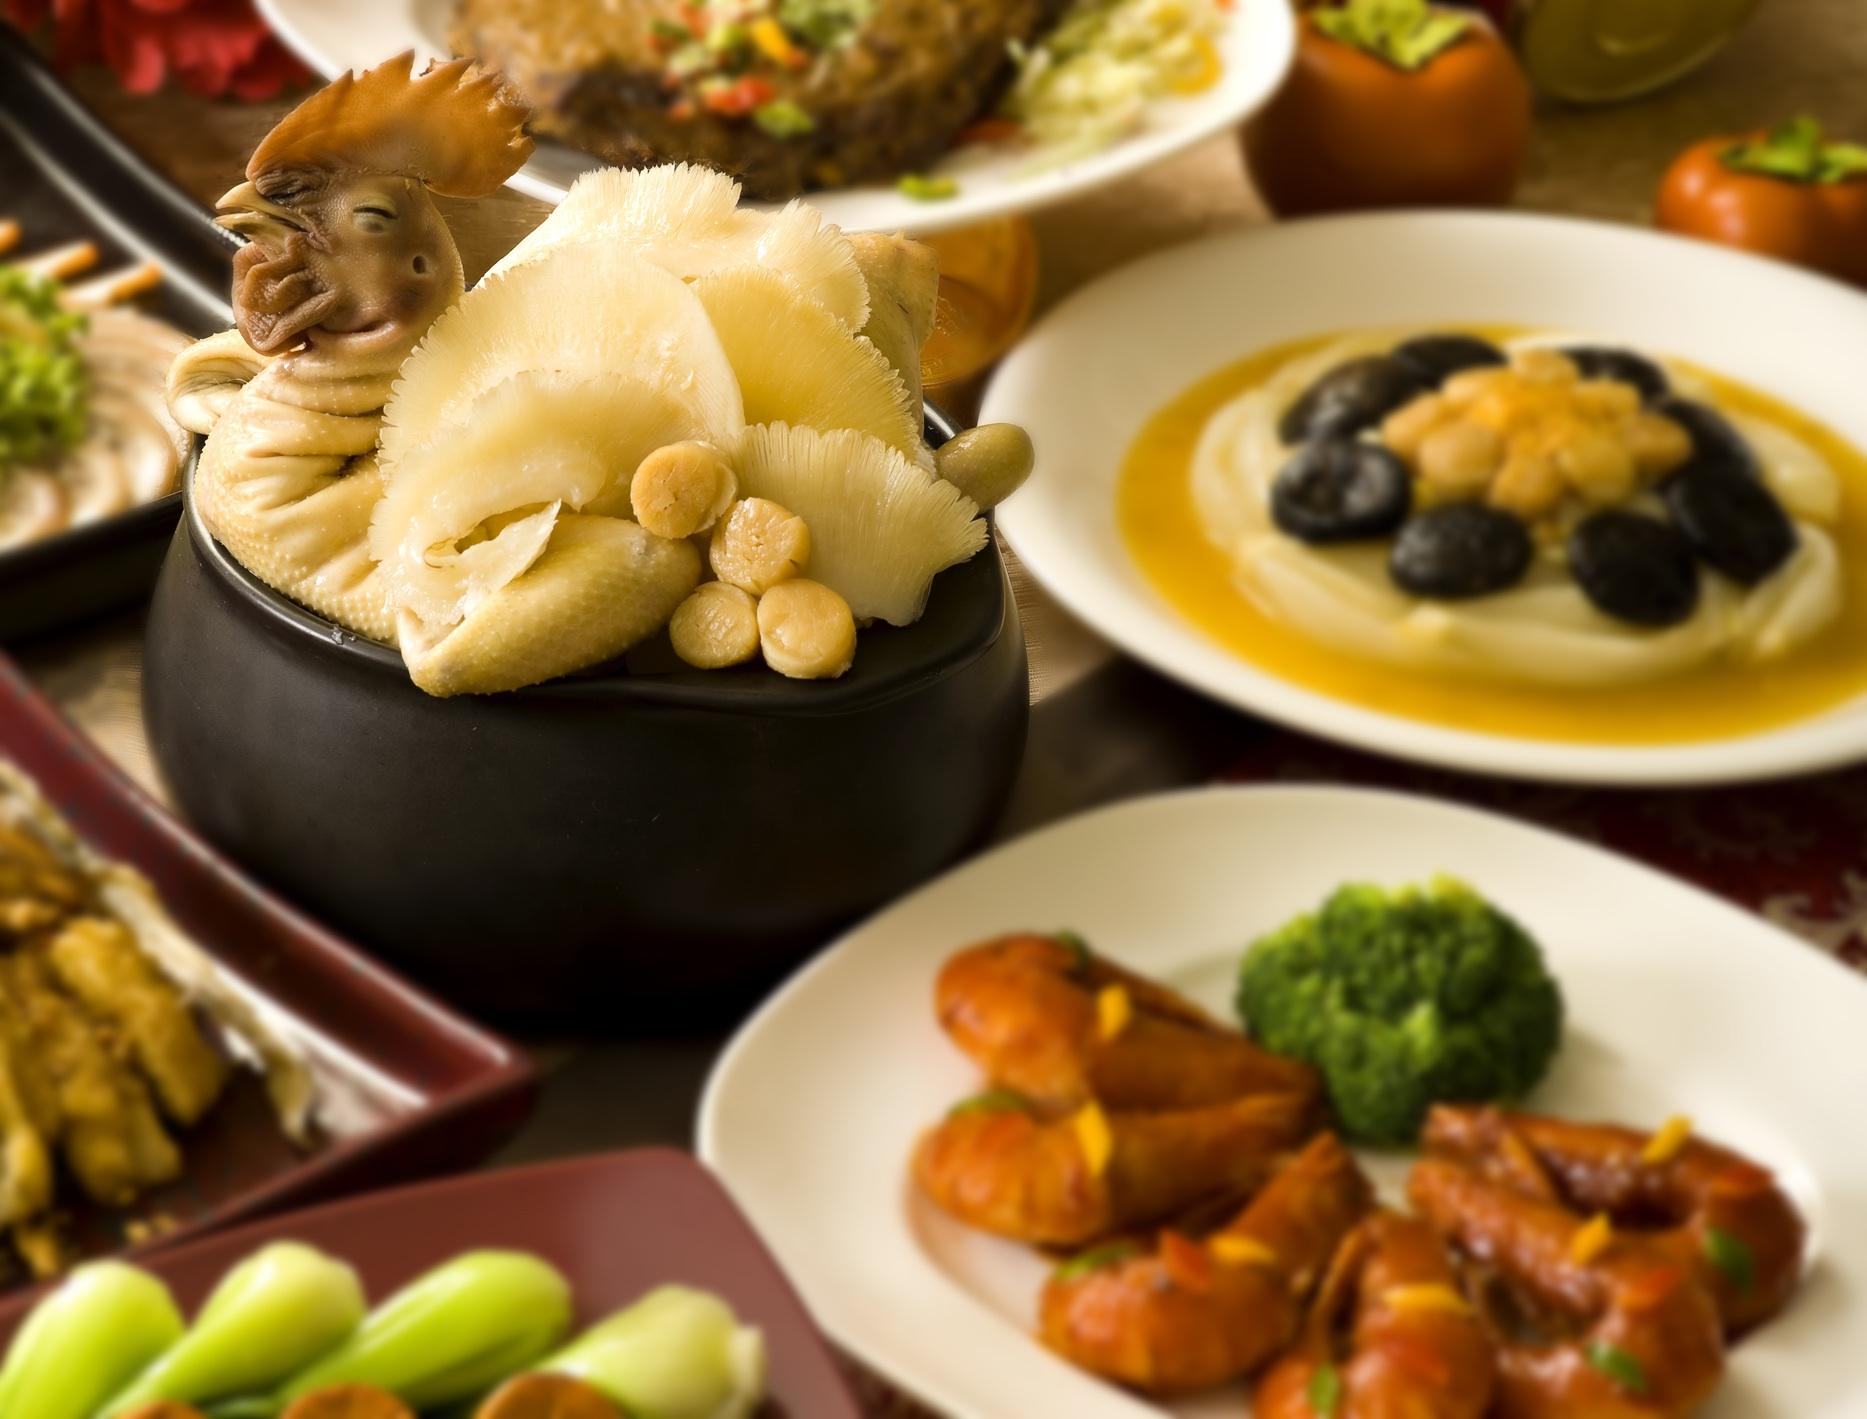 因應母親佳節到,華泰王子飯店提供母親節合菜及首次推出合菜外帶服務,可以針對媽媽的喜好來挑選,讓媽媽在這特別的日子享受特別的貼心。